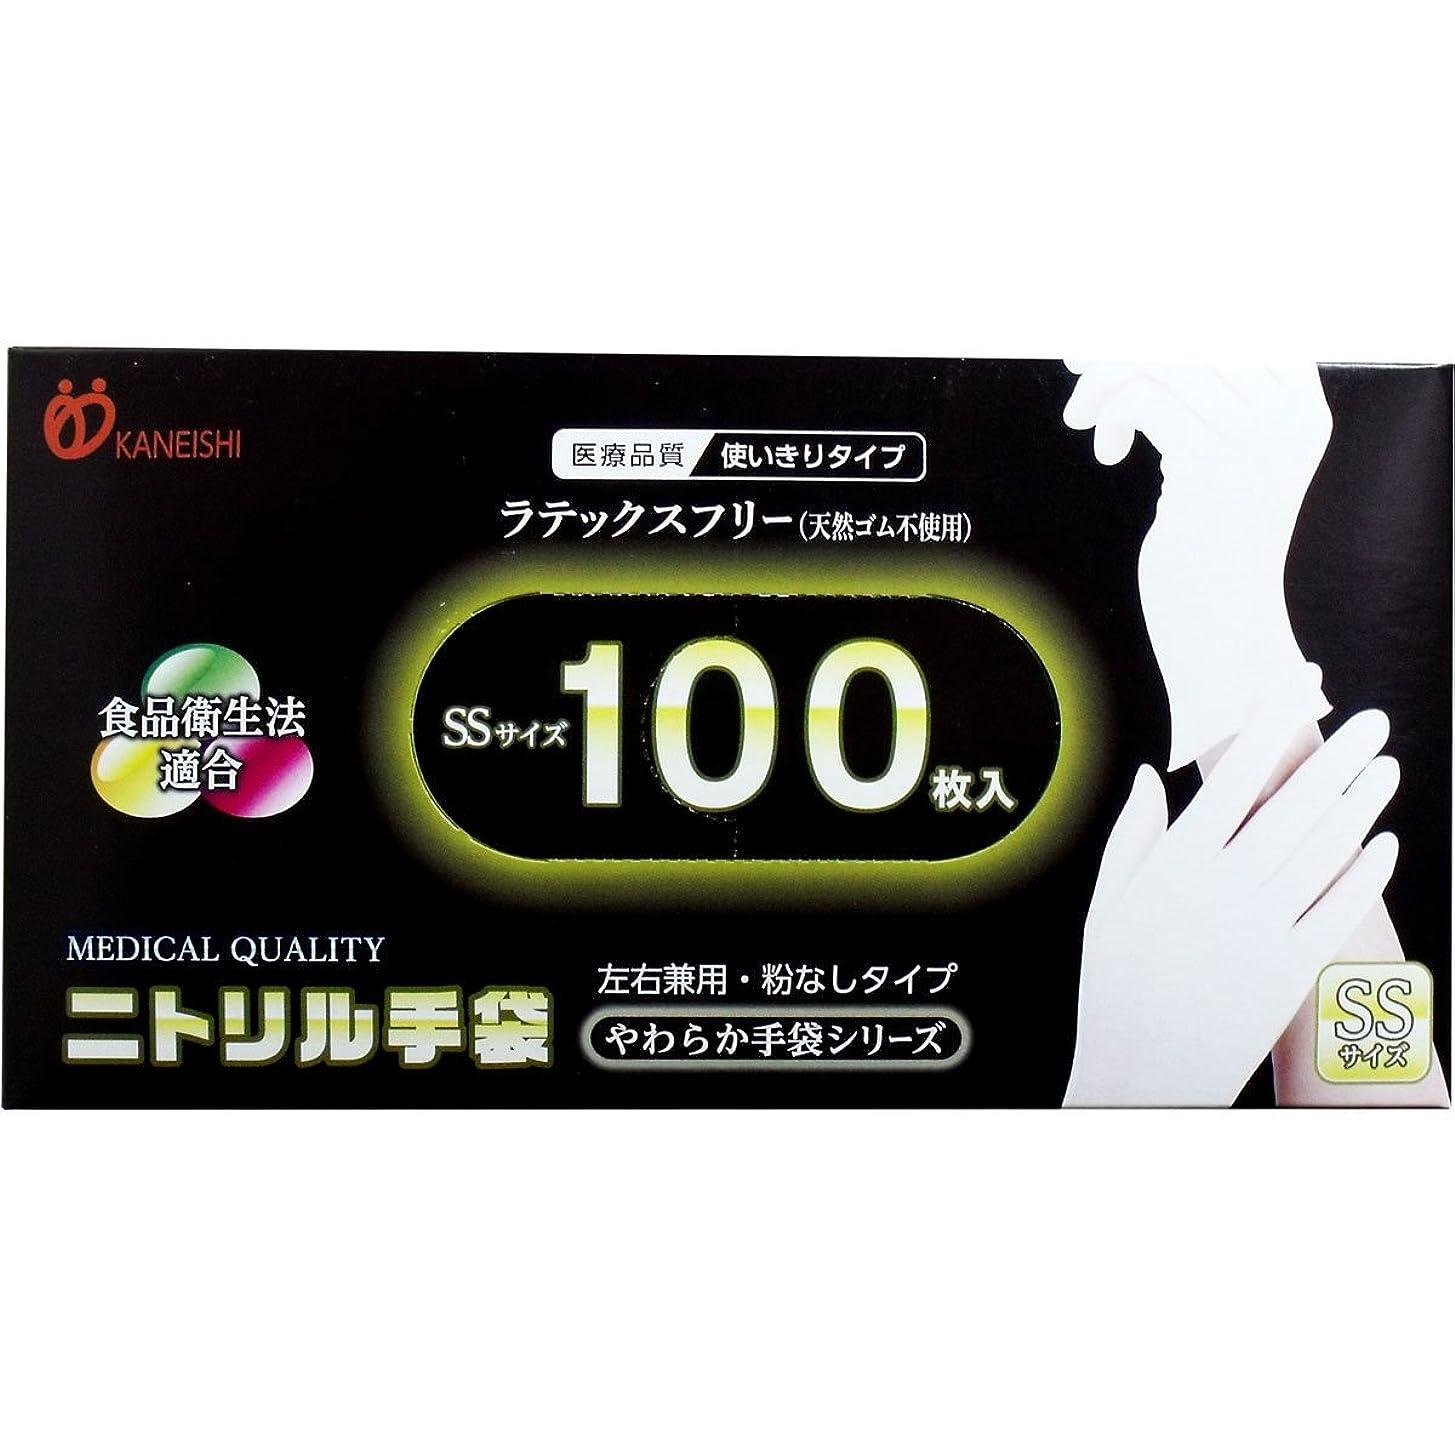 包括的従順竜巻ラテックスフリー 手軽に使い捨て出来る 介護 やわらかニトリル手袋 パウダーフリー 100枚入 SSサイズ